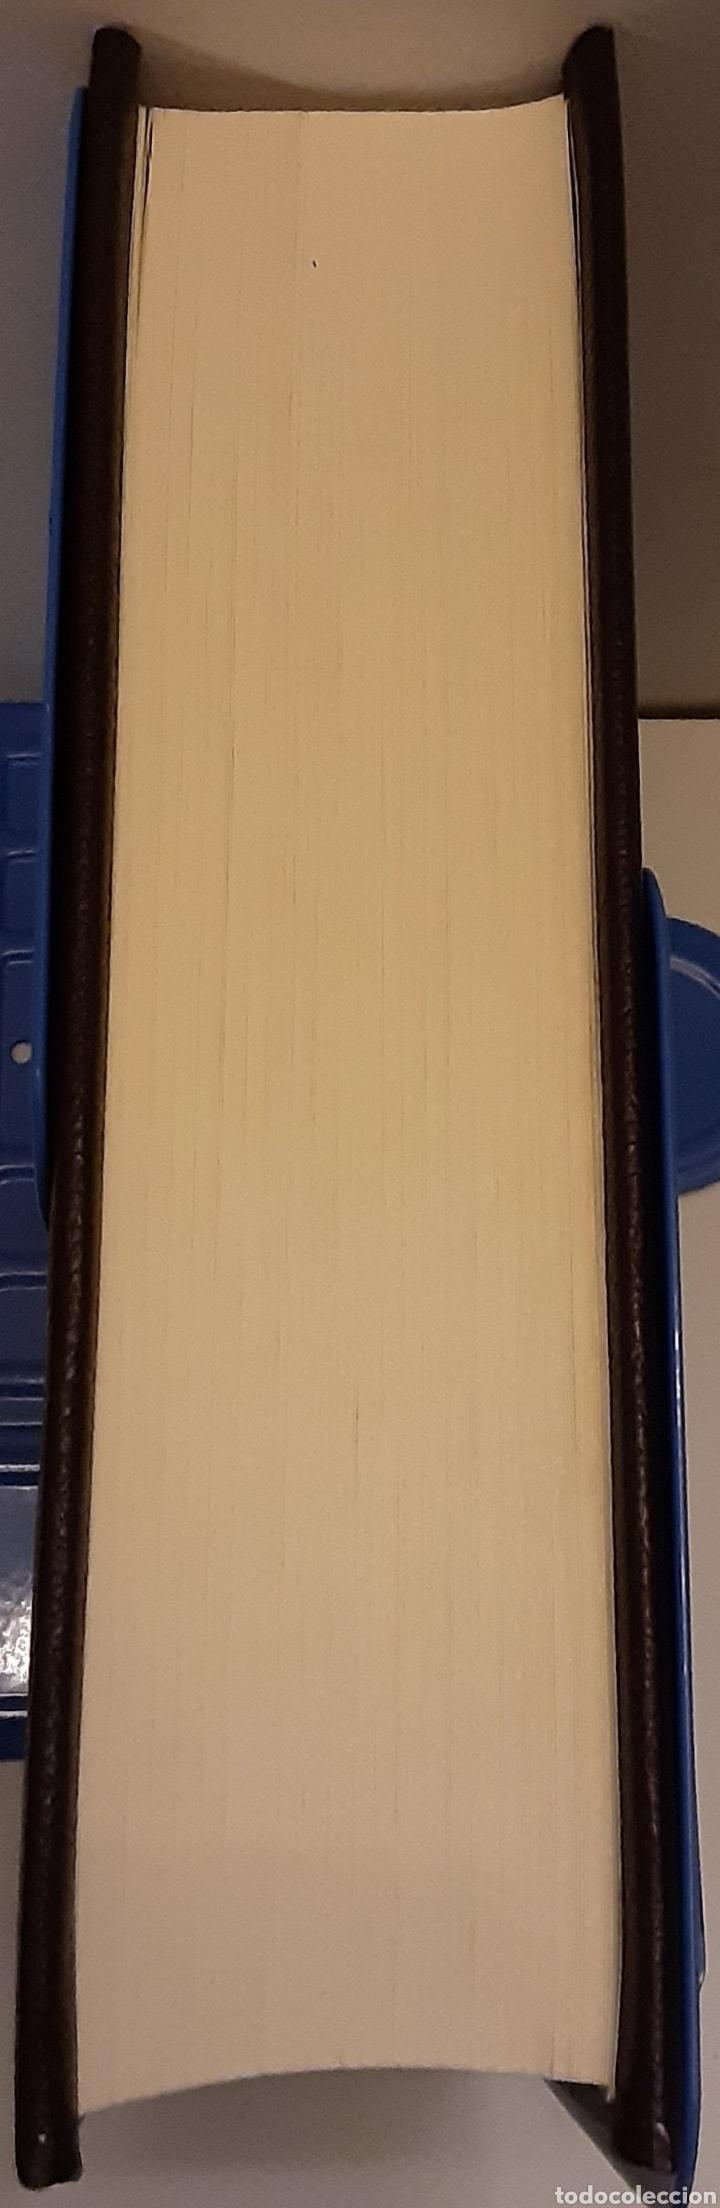 Libros de segunda mano: Chejov, Antón P. Obras Completas. Teatro, tomo I. Contiene estudio preliminar. RBA, 2005 - Foto 7 - 221004435